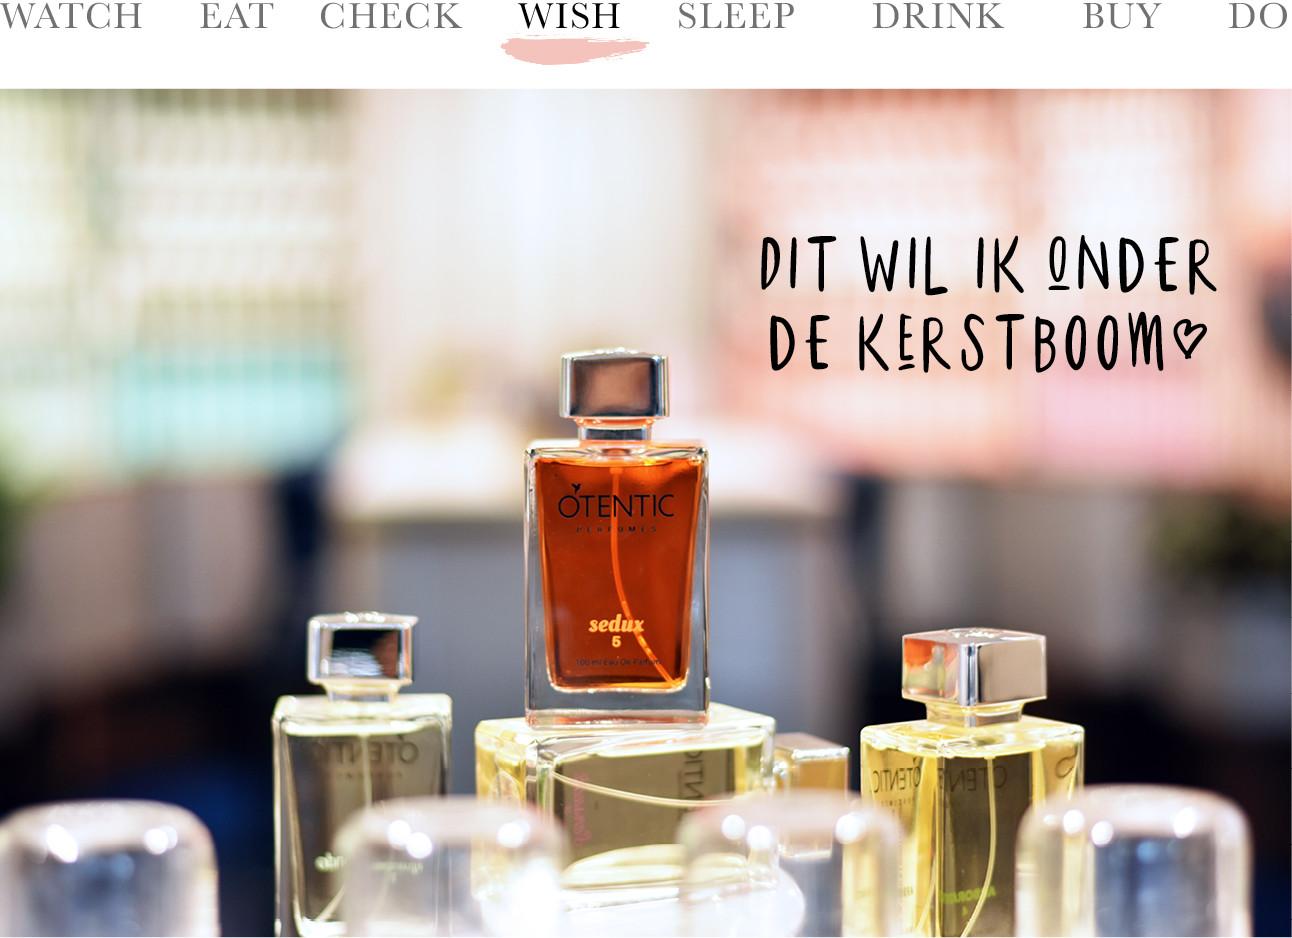 een beeld van een parfum flesje